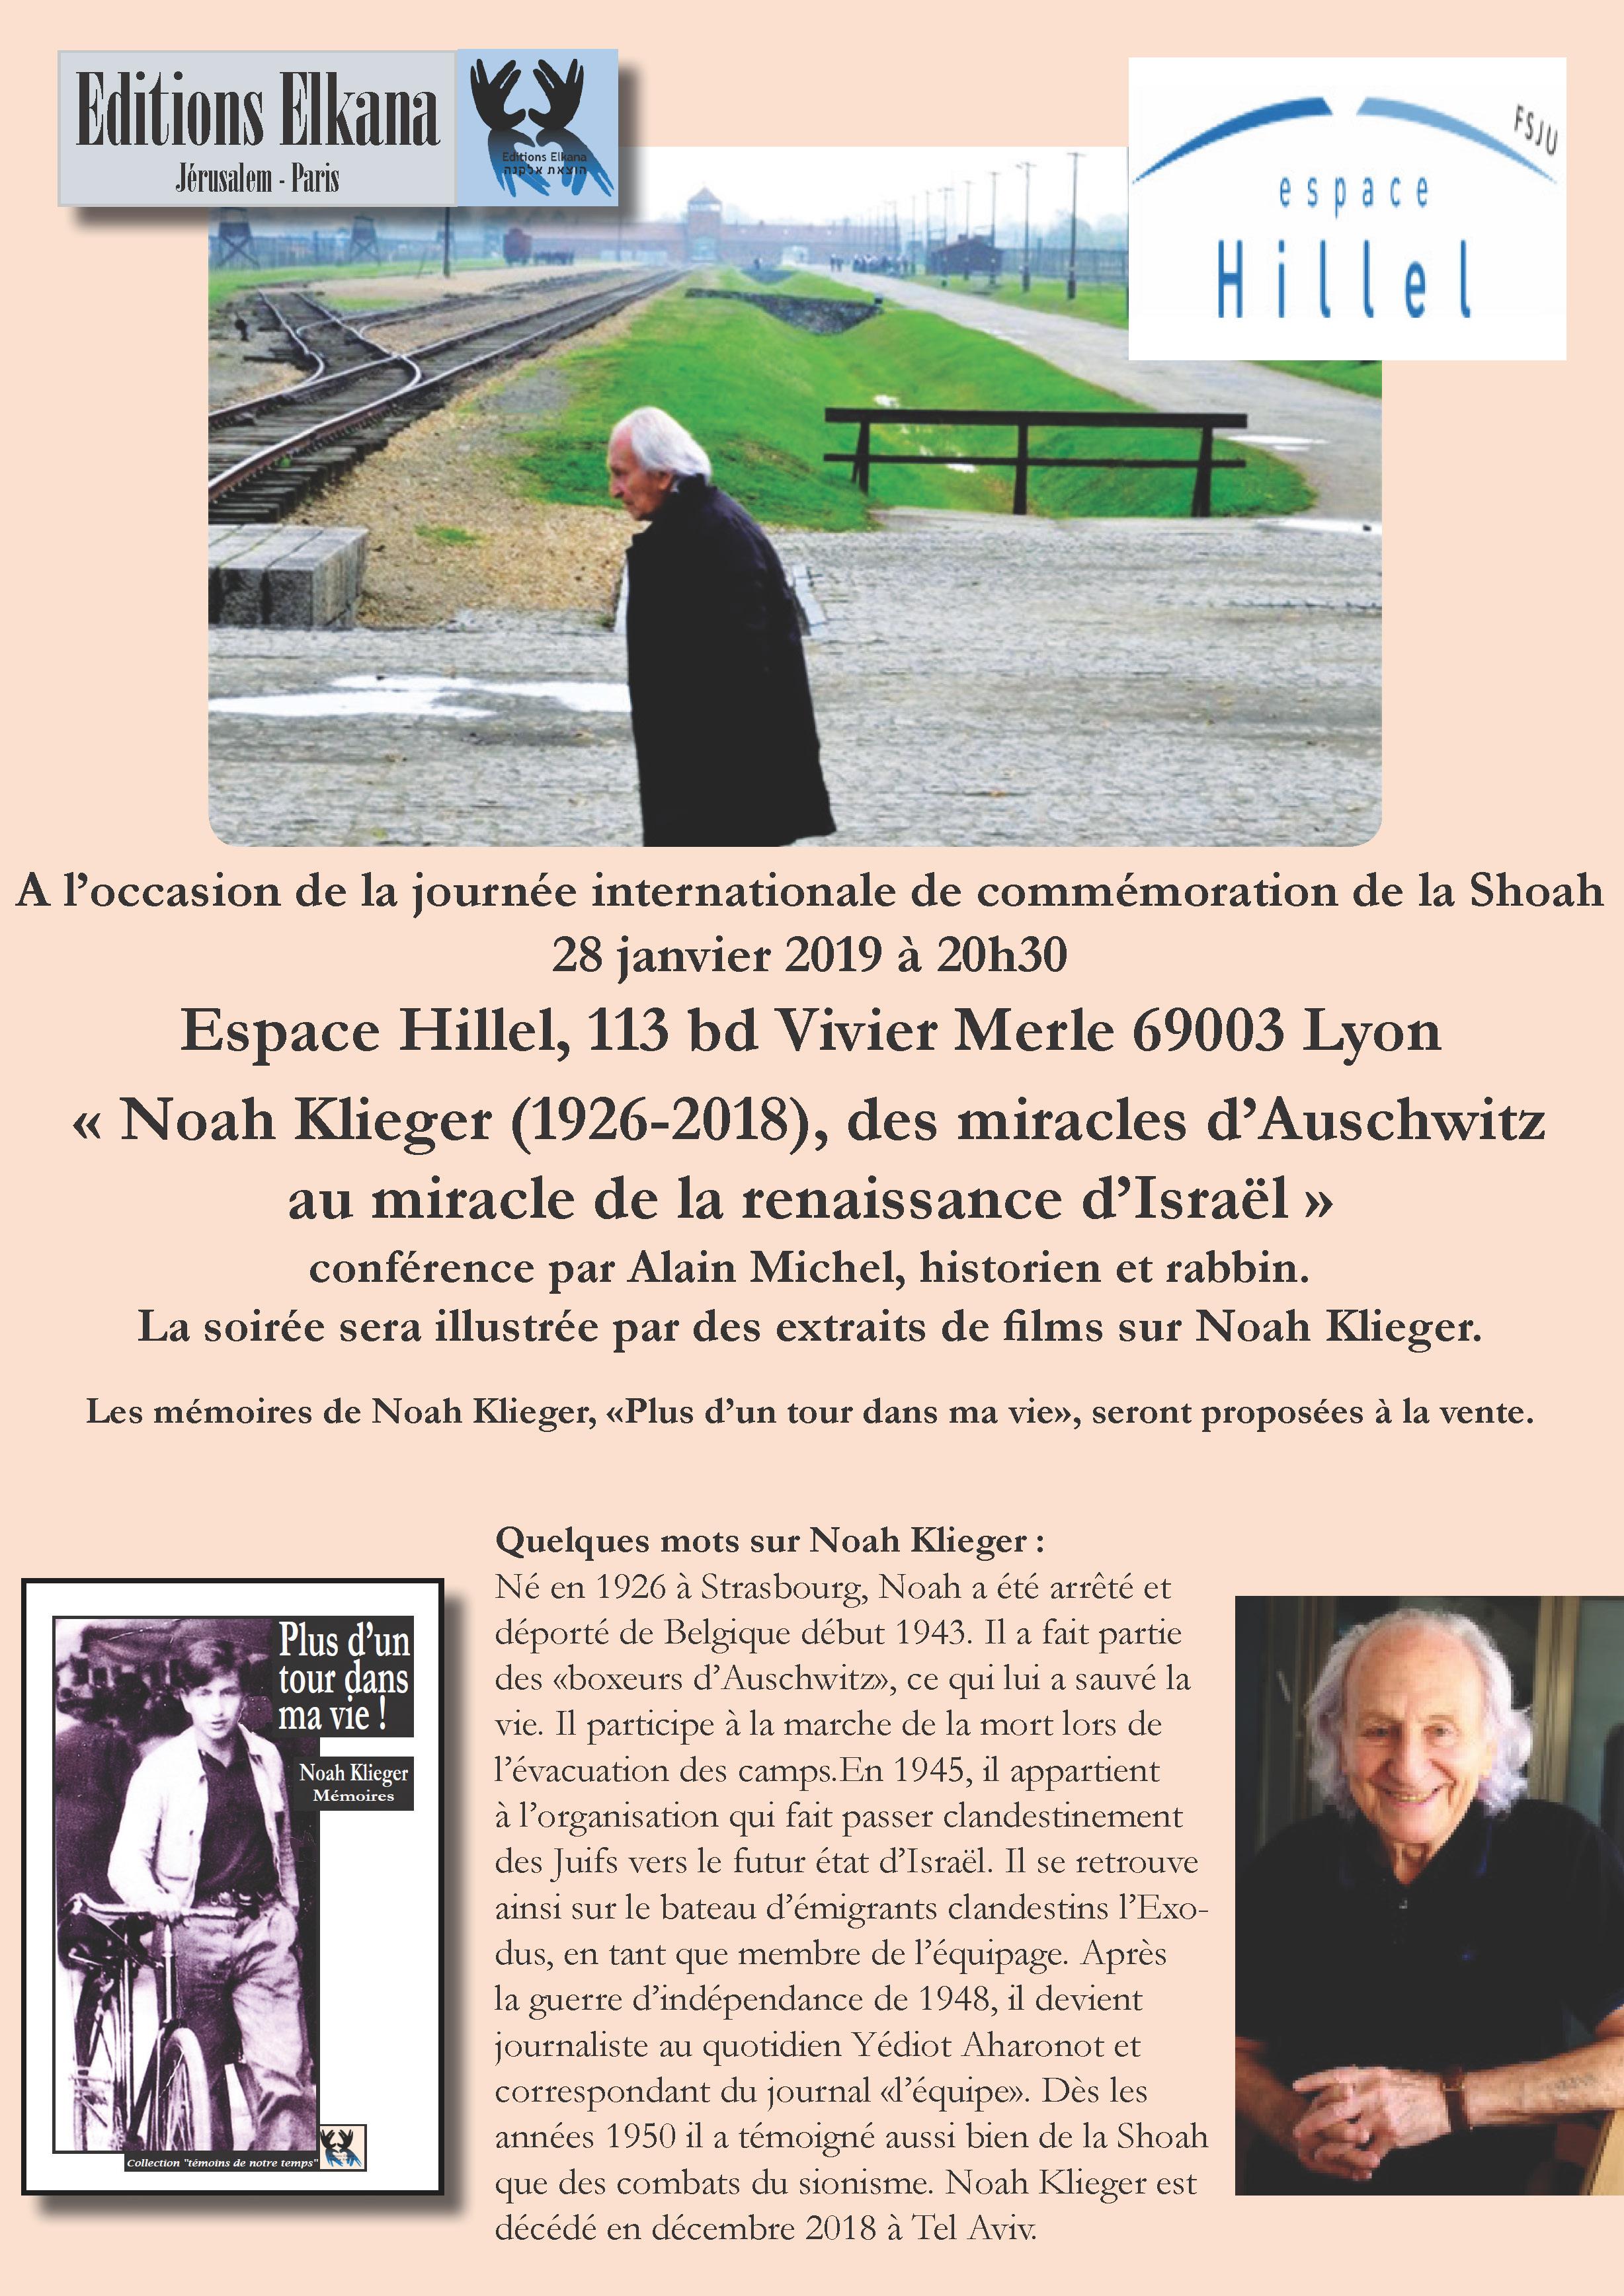 Hommage à Noah Klieger, par Alain Michel